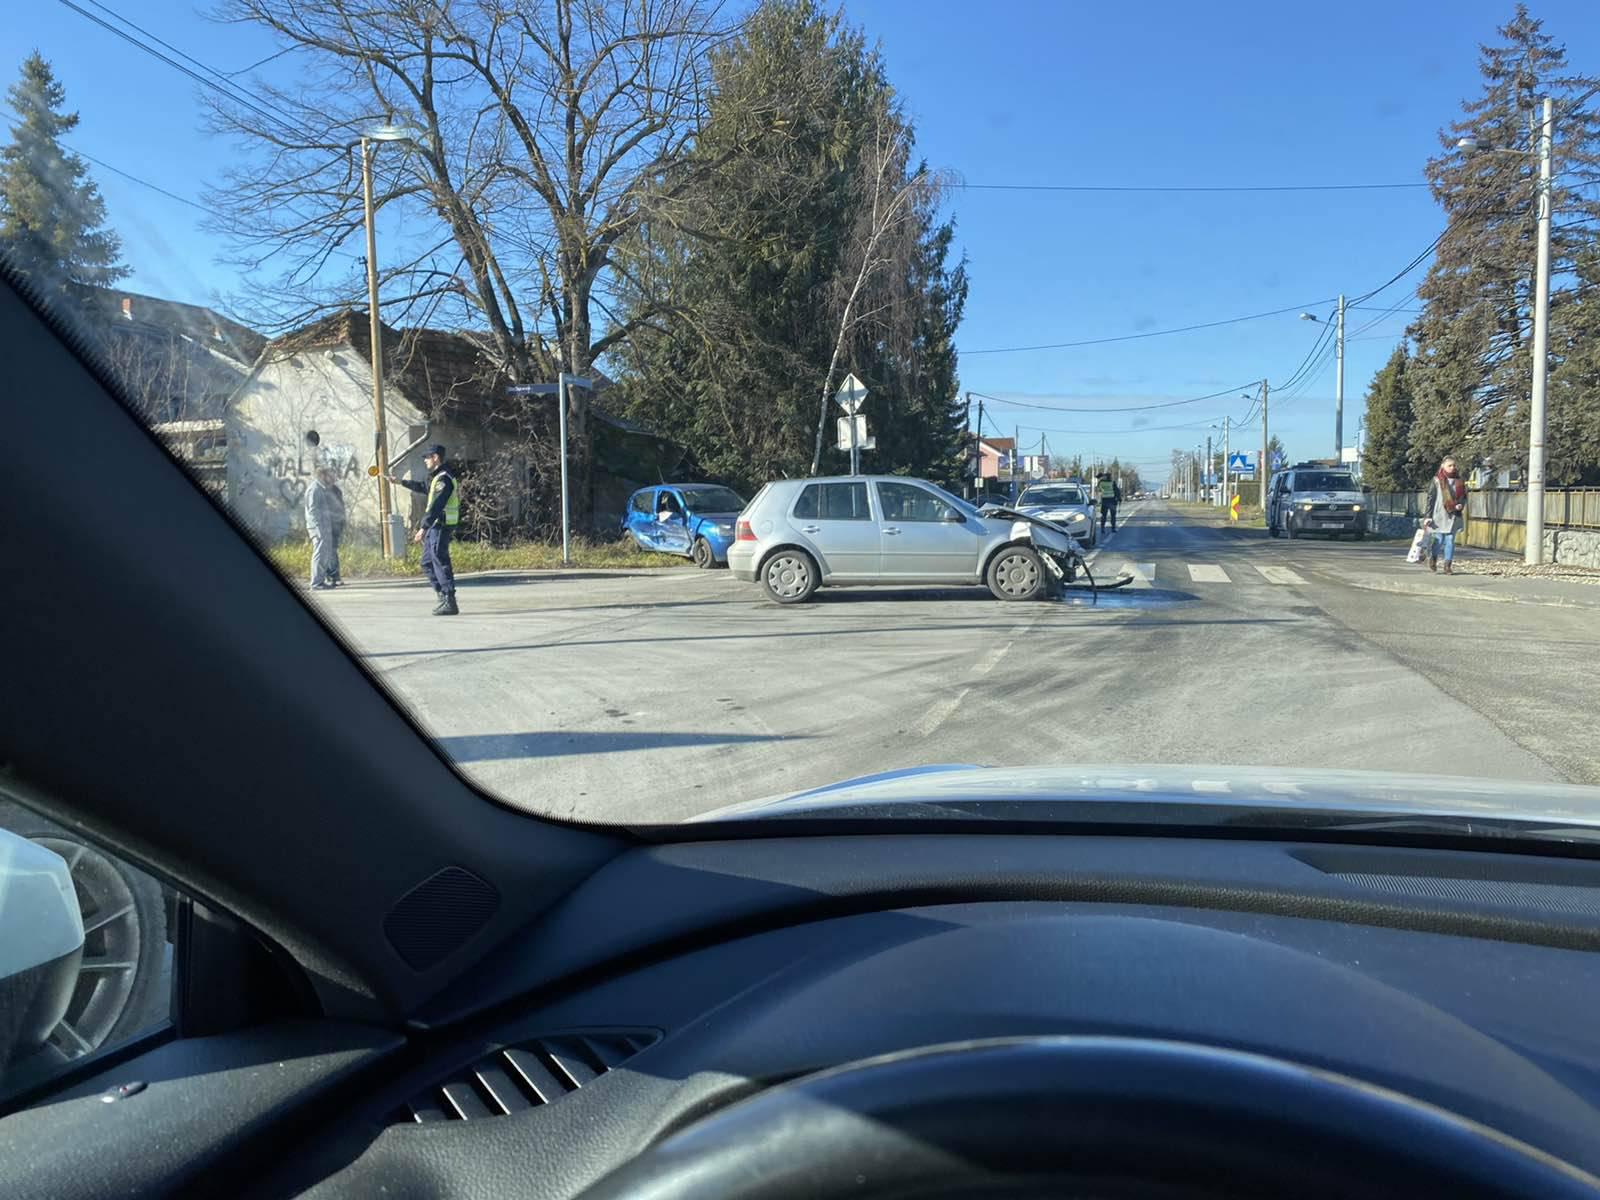 Teška nesreća u Zagrebu: Ima ozlijeđenih u sudaru dva auta